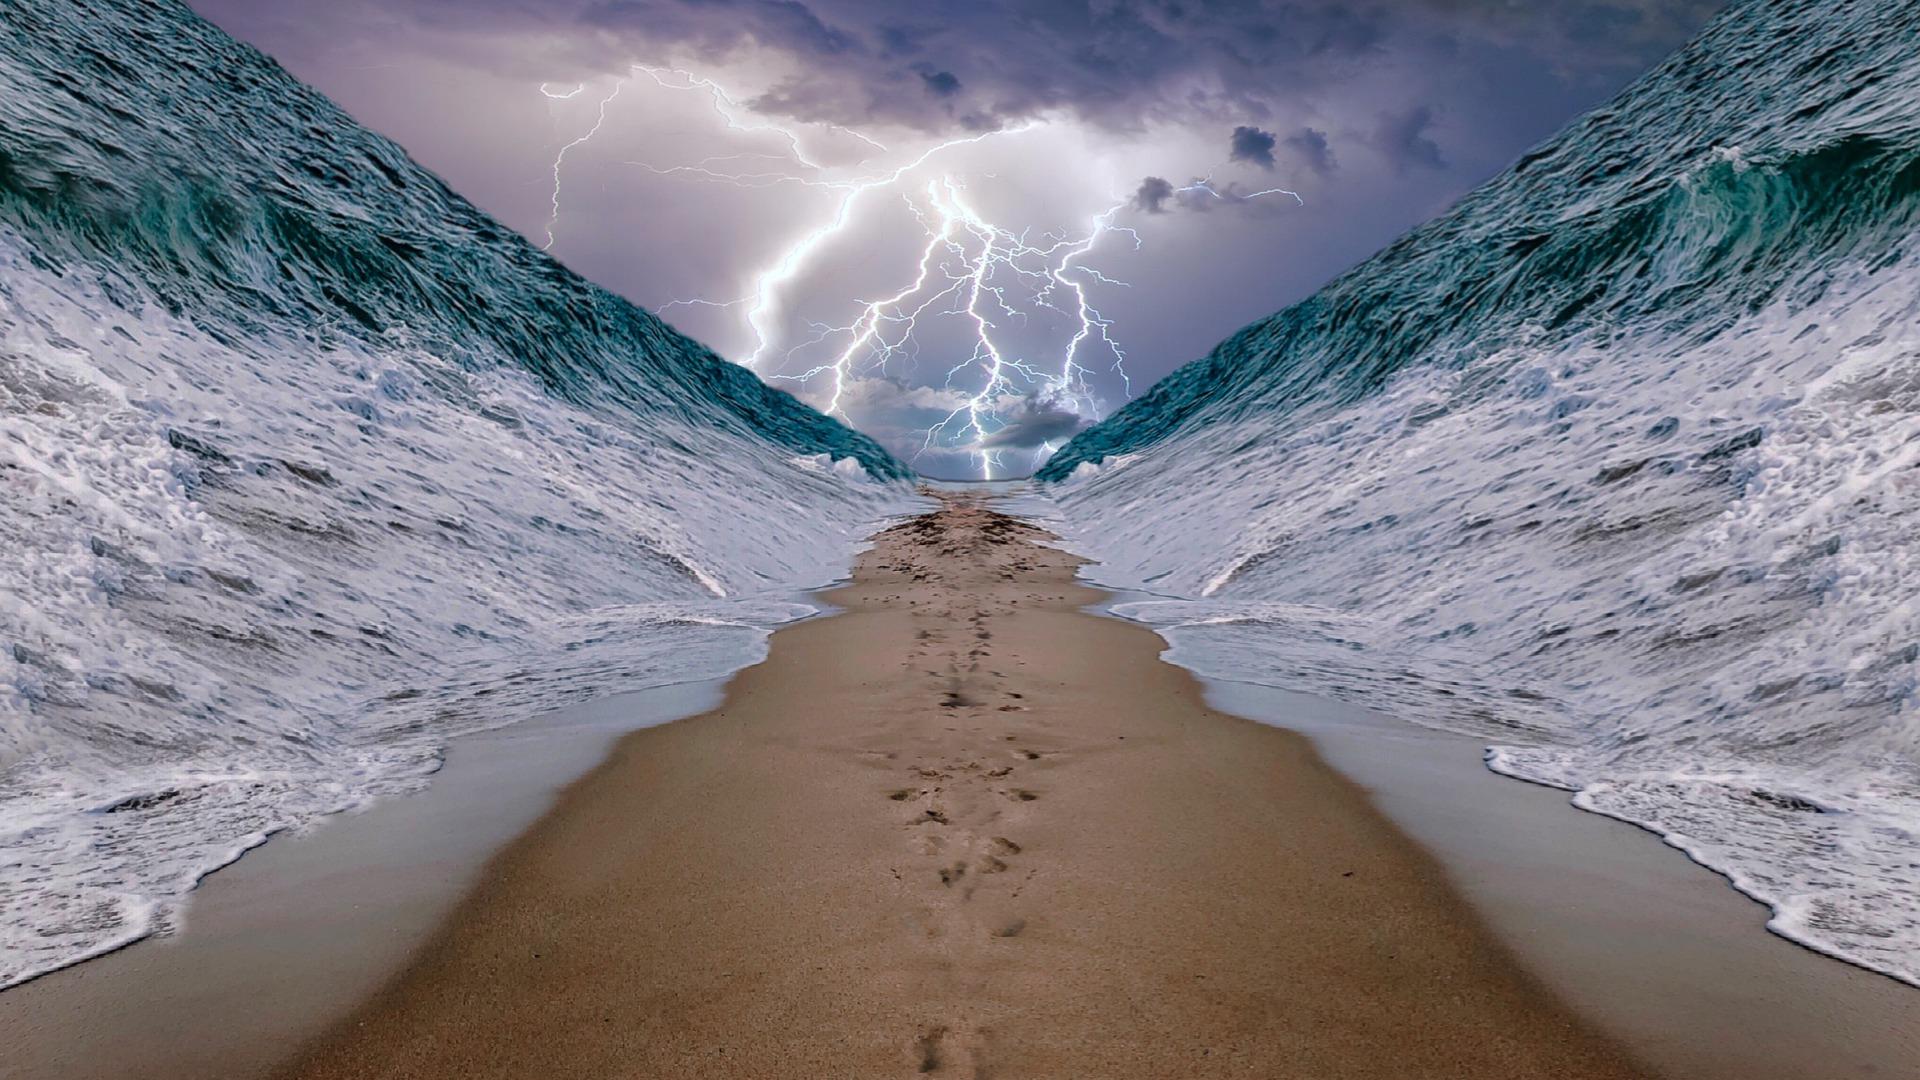 Na púšti tohto sveta je tvojou mannou Ježiš. Dáva sa ti ako pokrm na špeciálny exodus…